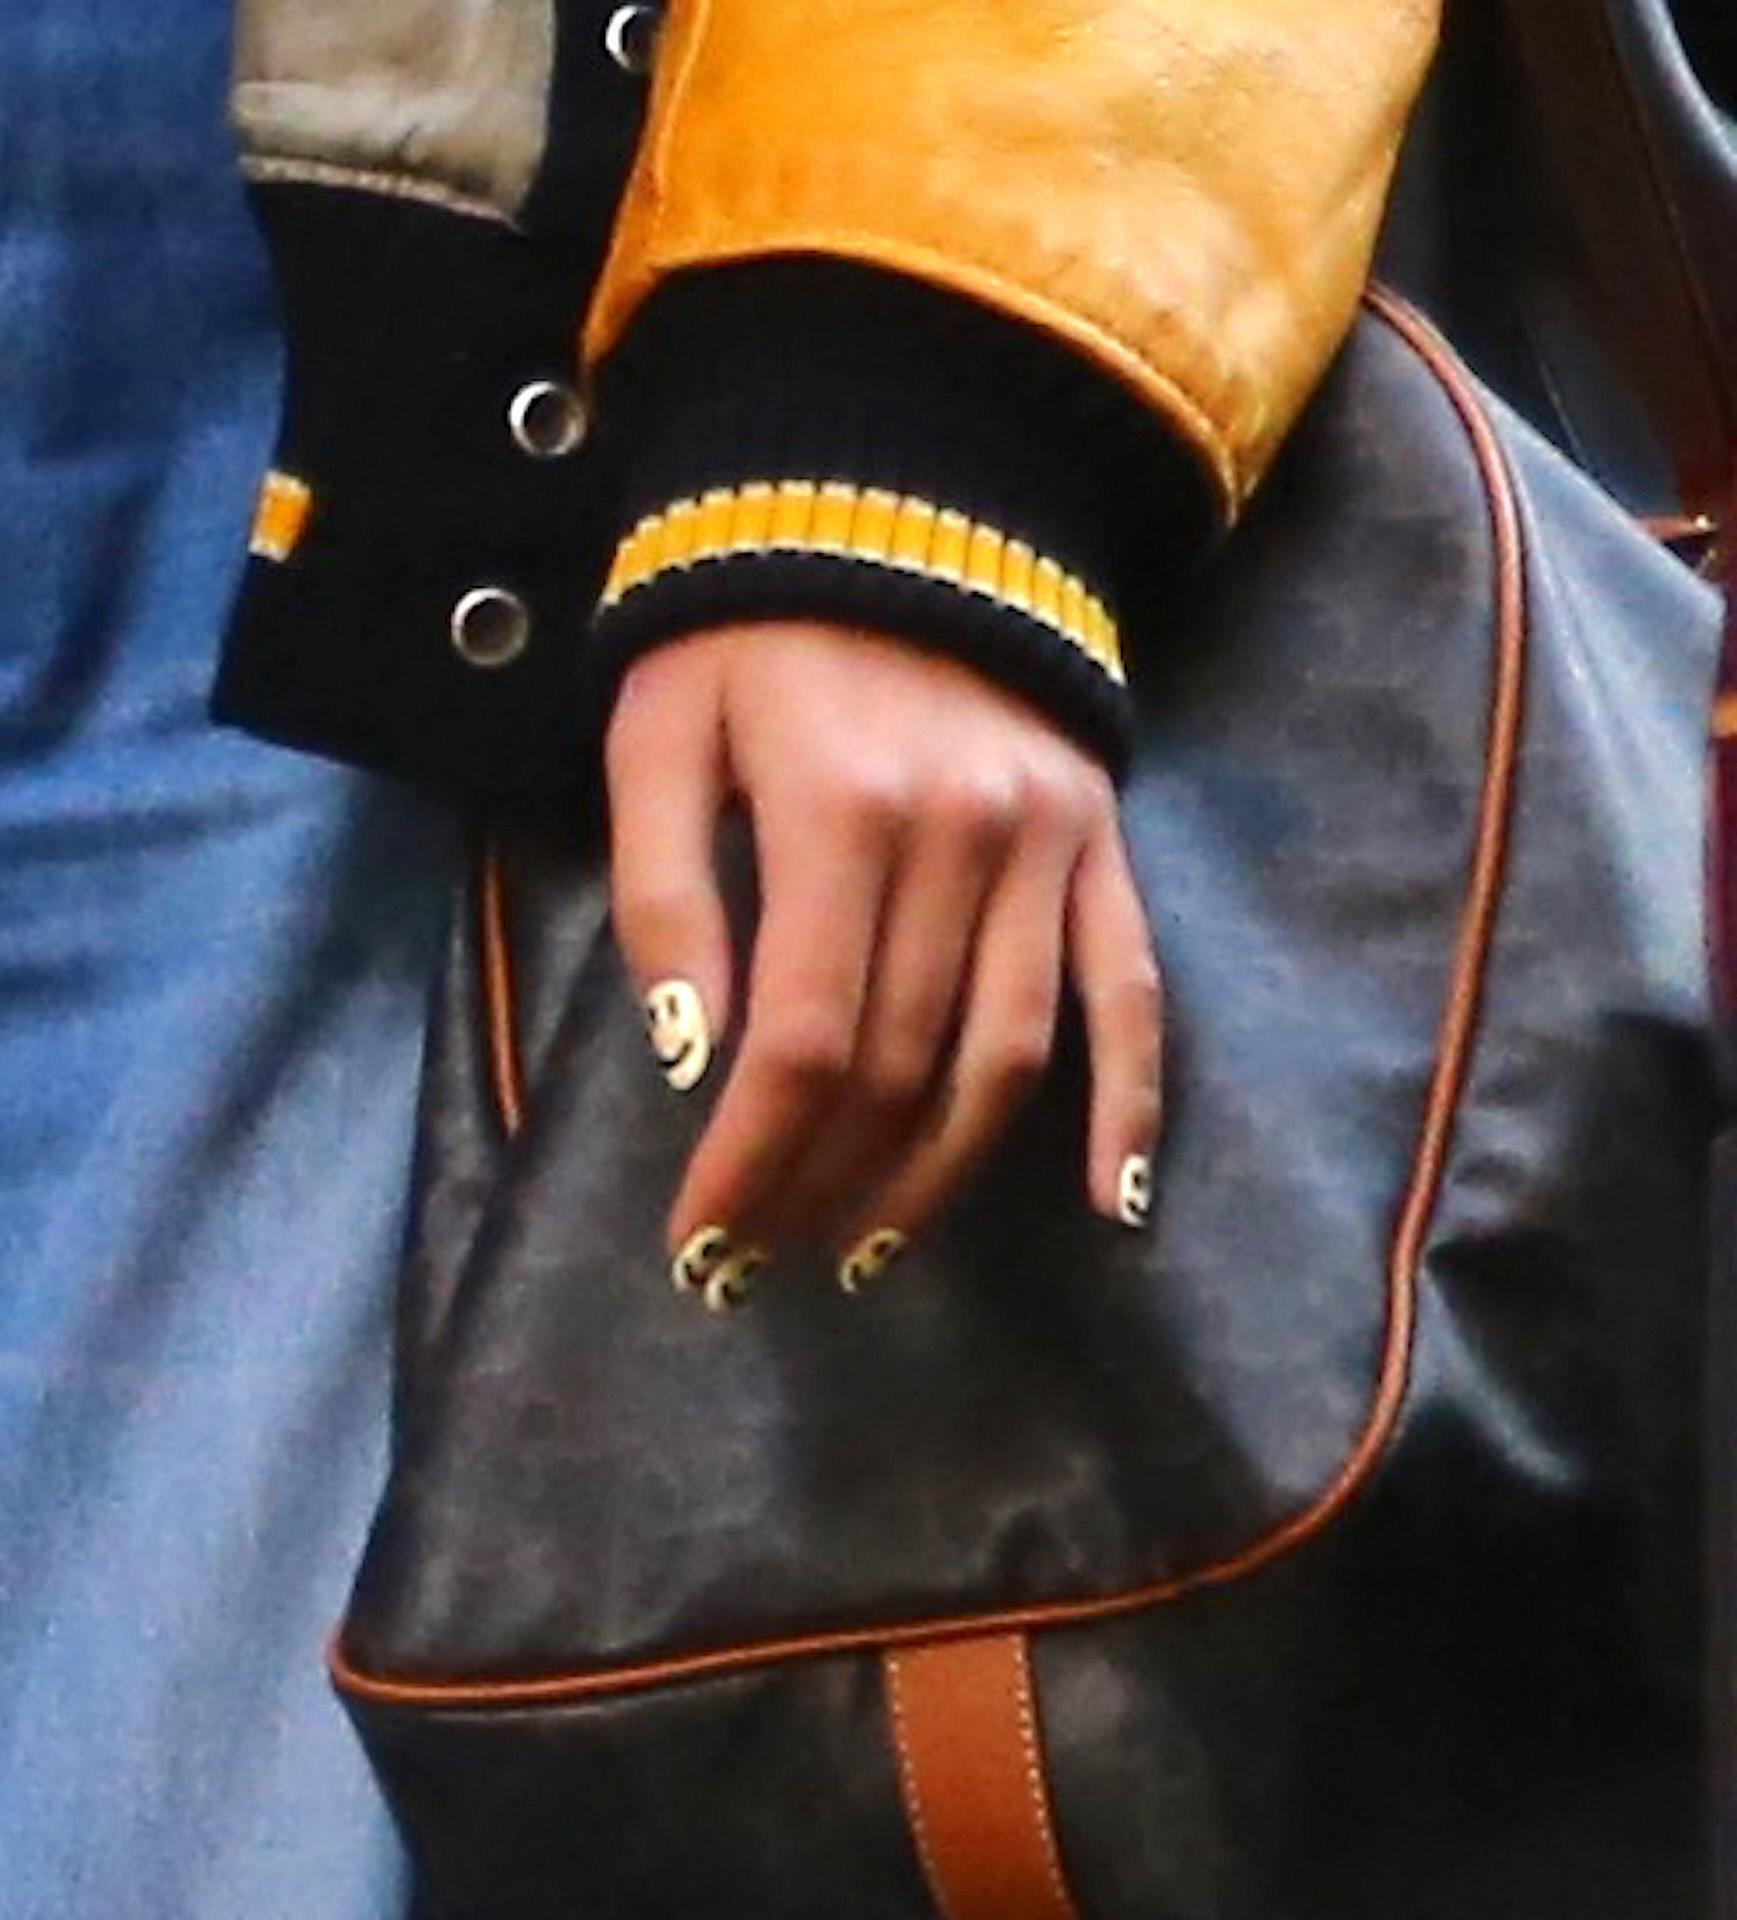 El detalle de su manicura, donde se ven perfectamente las caras sonrientes dibujadas en cada una de sus uñas.